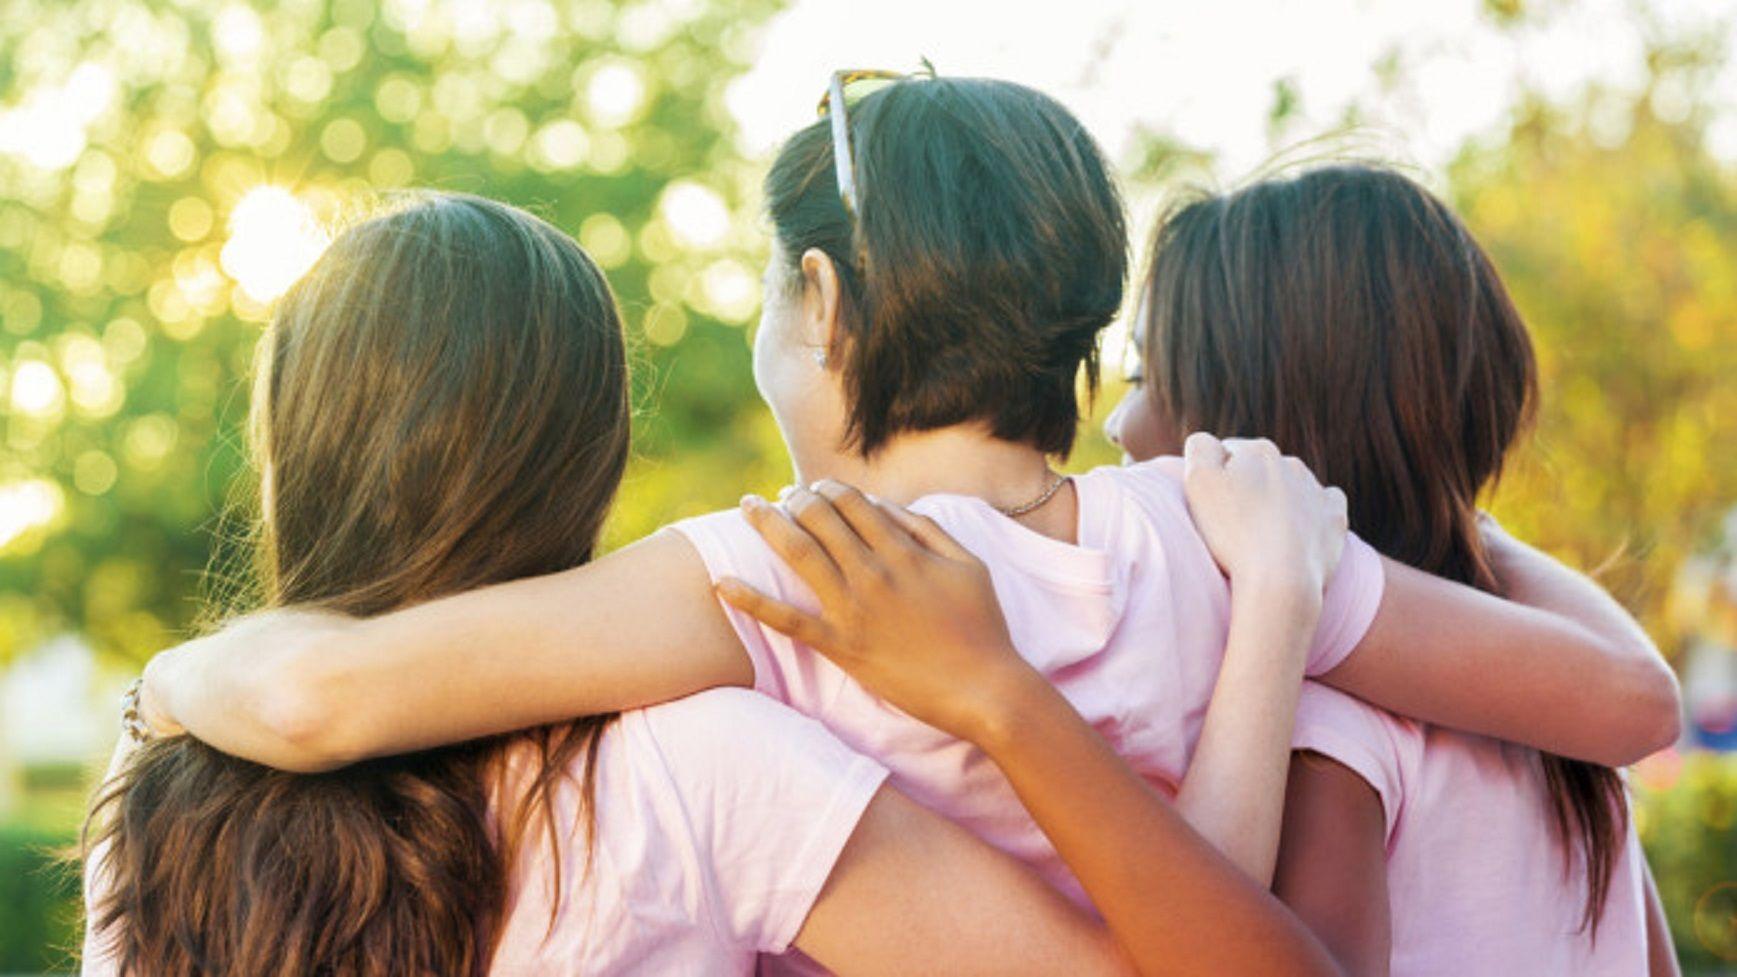 Pedían un hogar y lo tendrán: una mujer adoptará a tres hermanitas que no querían ser separadas